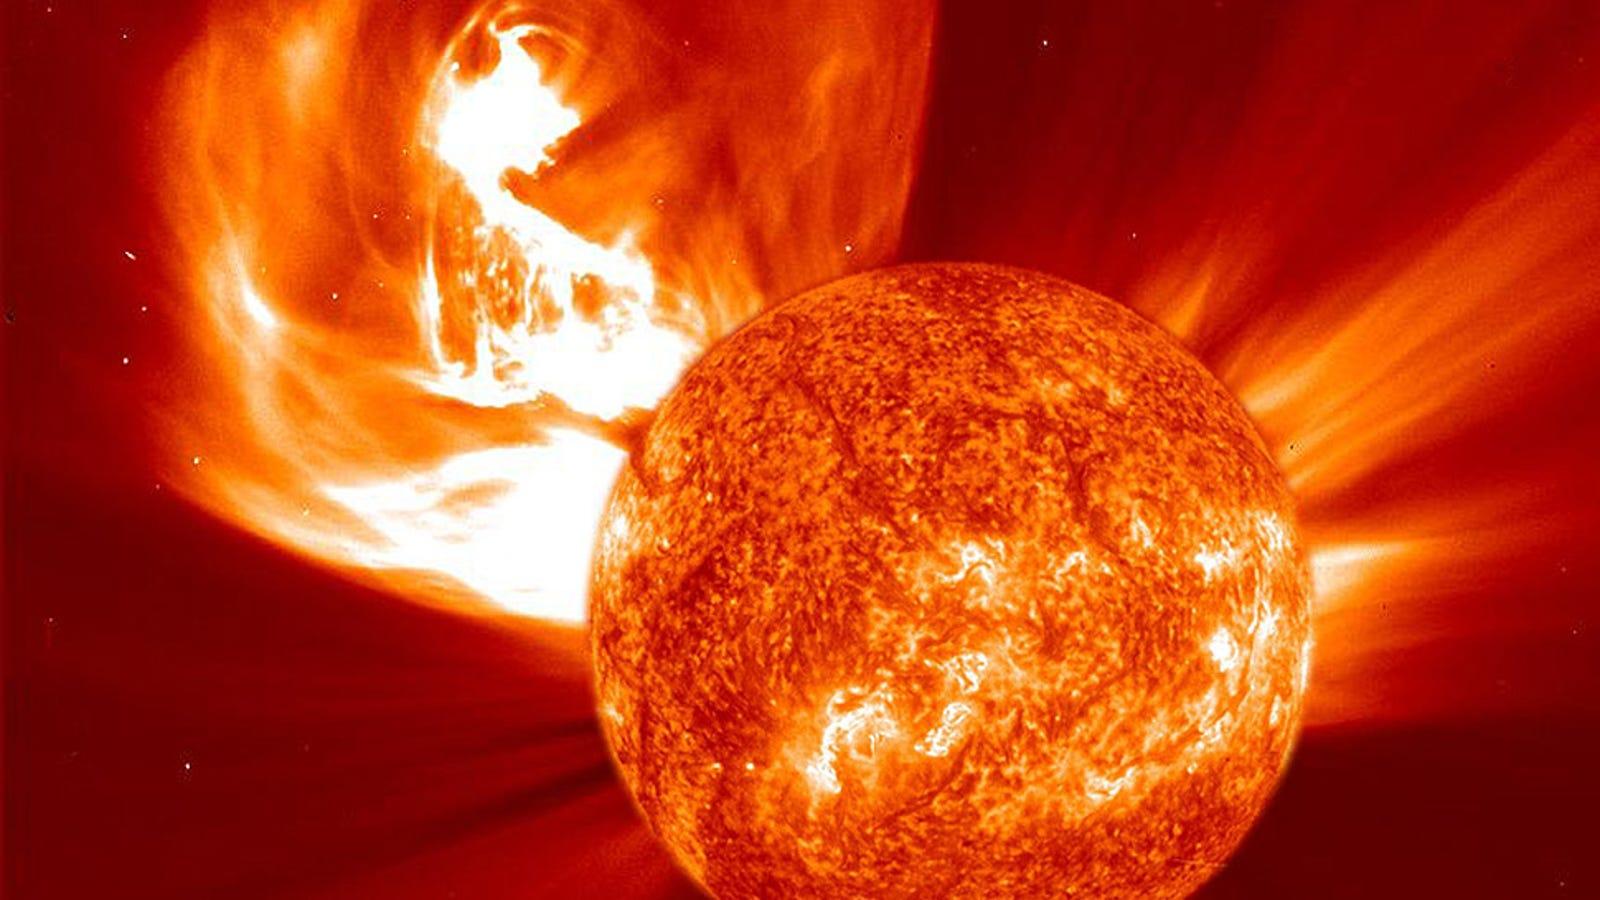 Tres tormentas solares en 24 horas. ¿Qué demonios le ocurre al Sol?